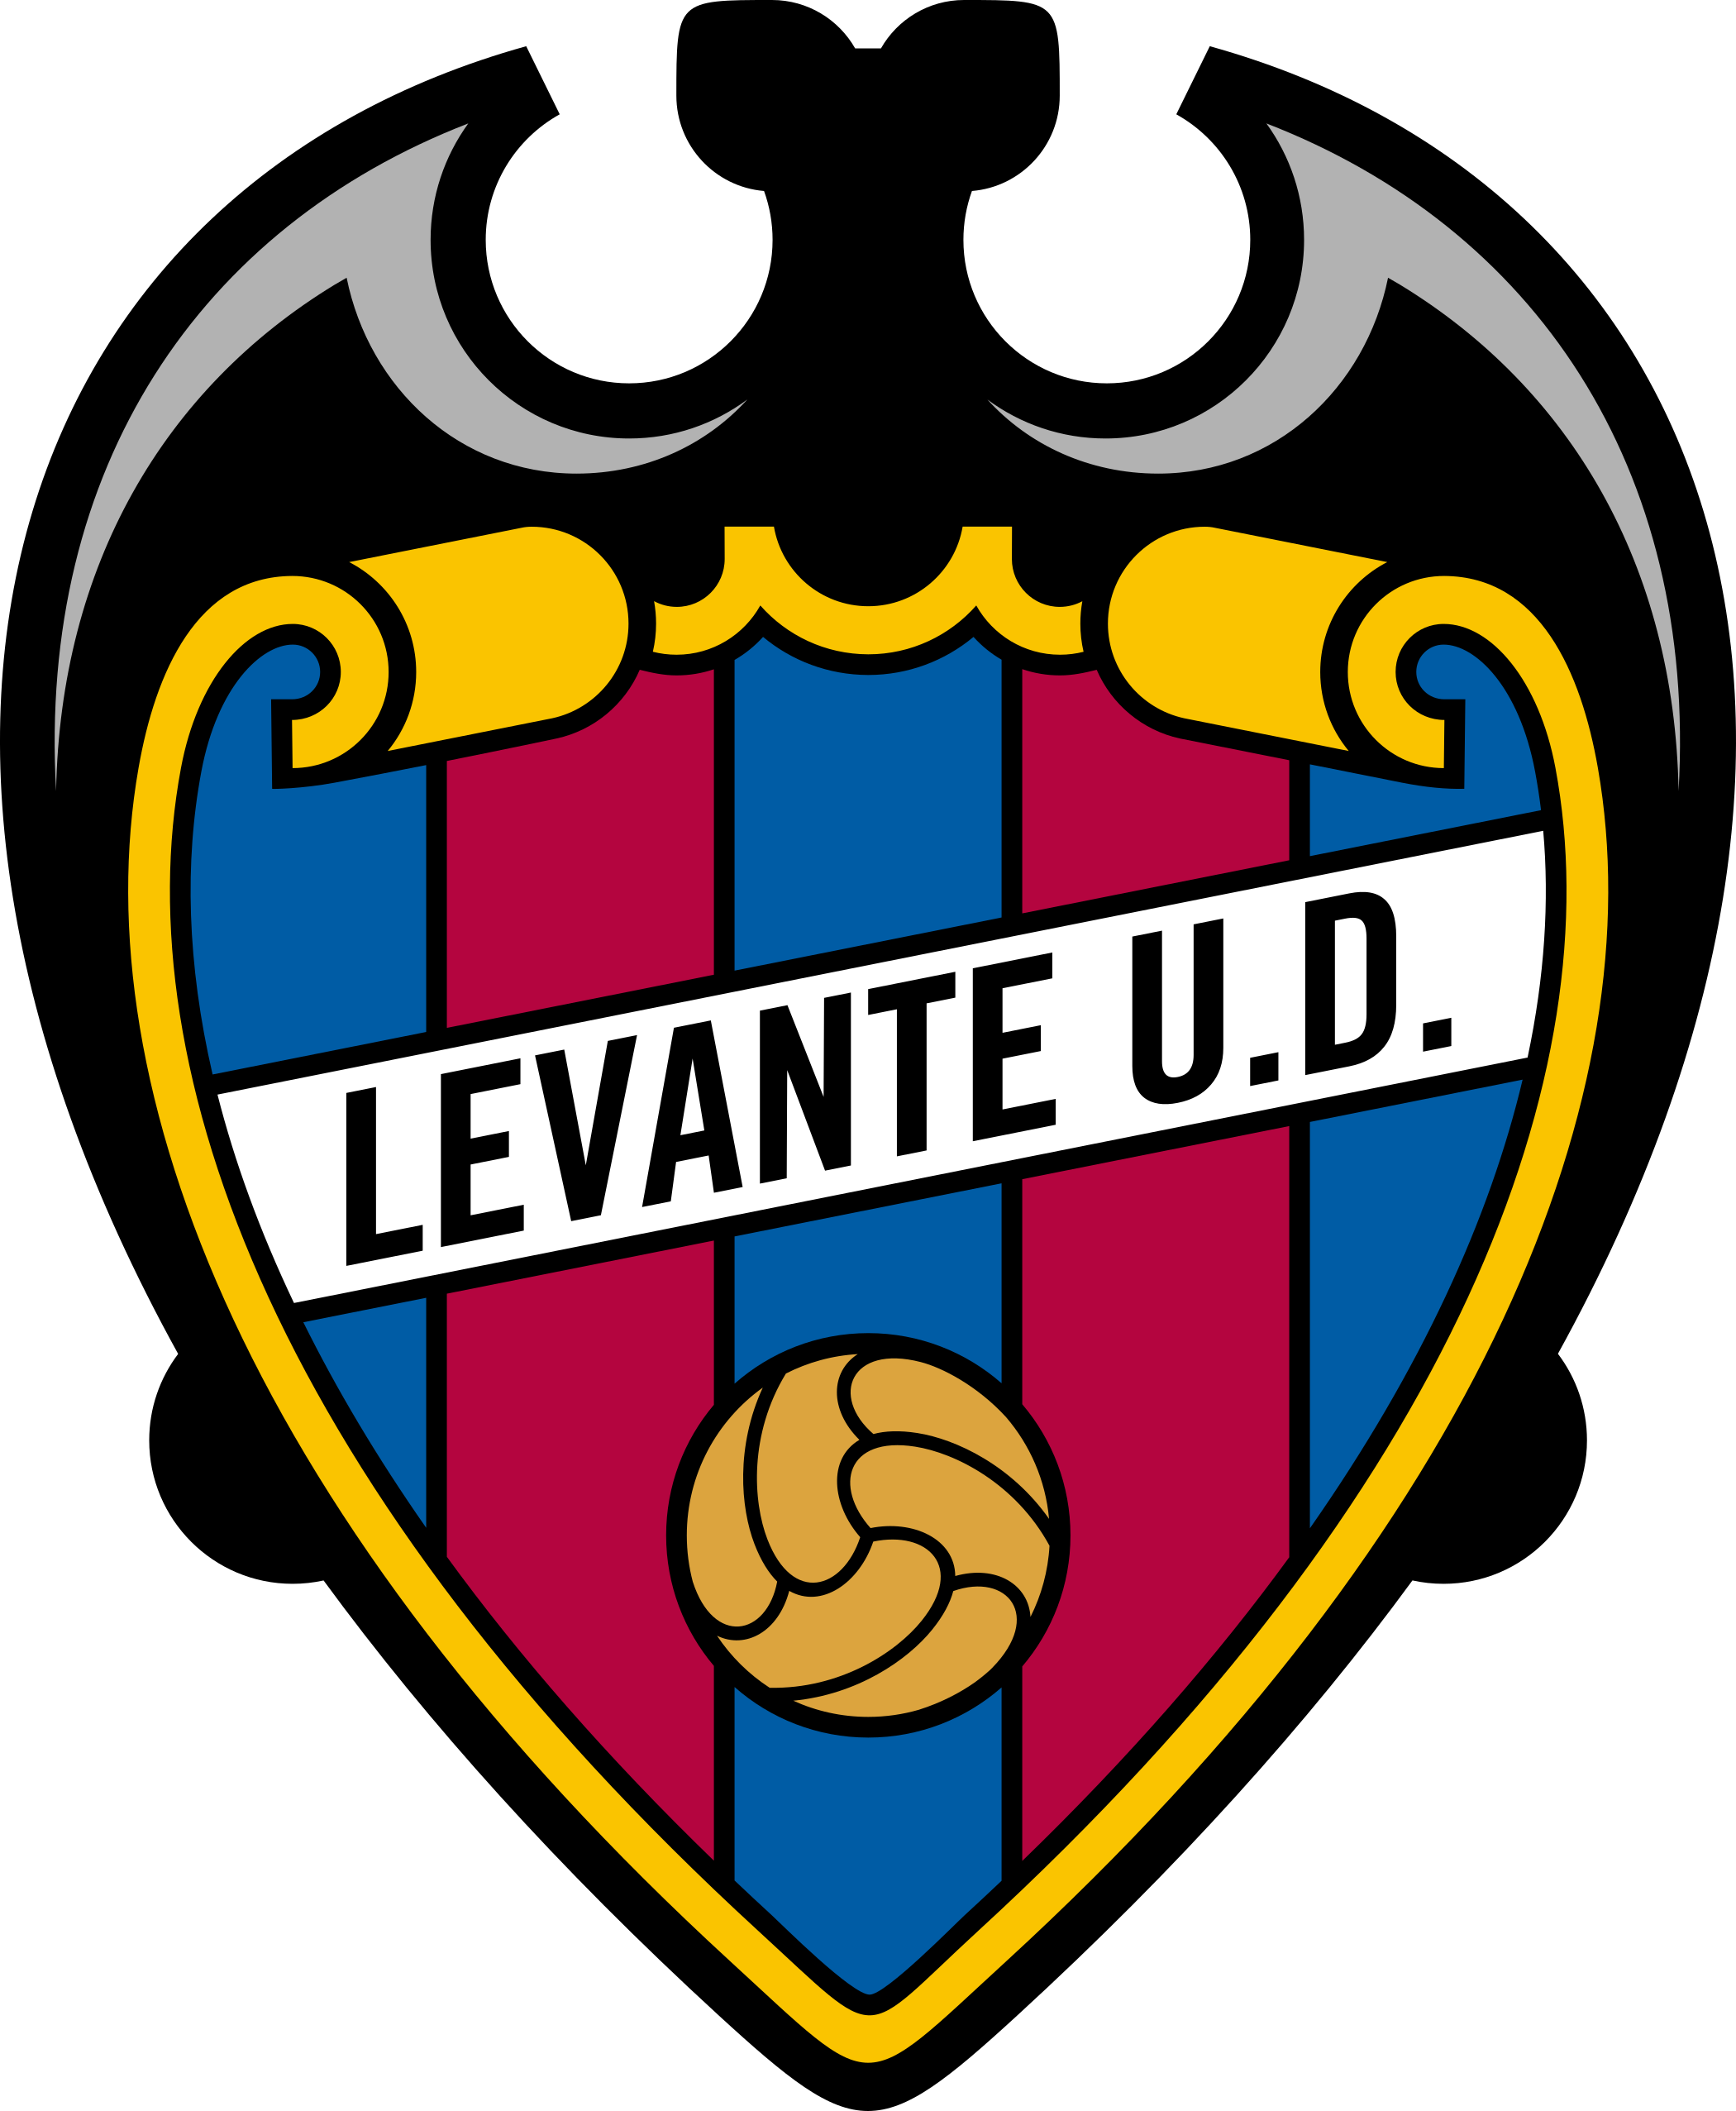 levante ud logo escudo 1 - Levante UD Logo - Levante Unión Deportiva Escudo